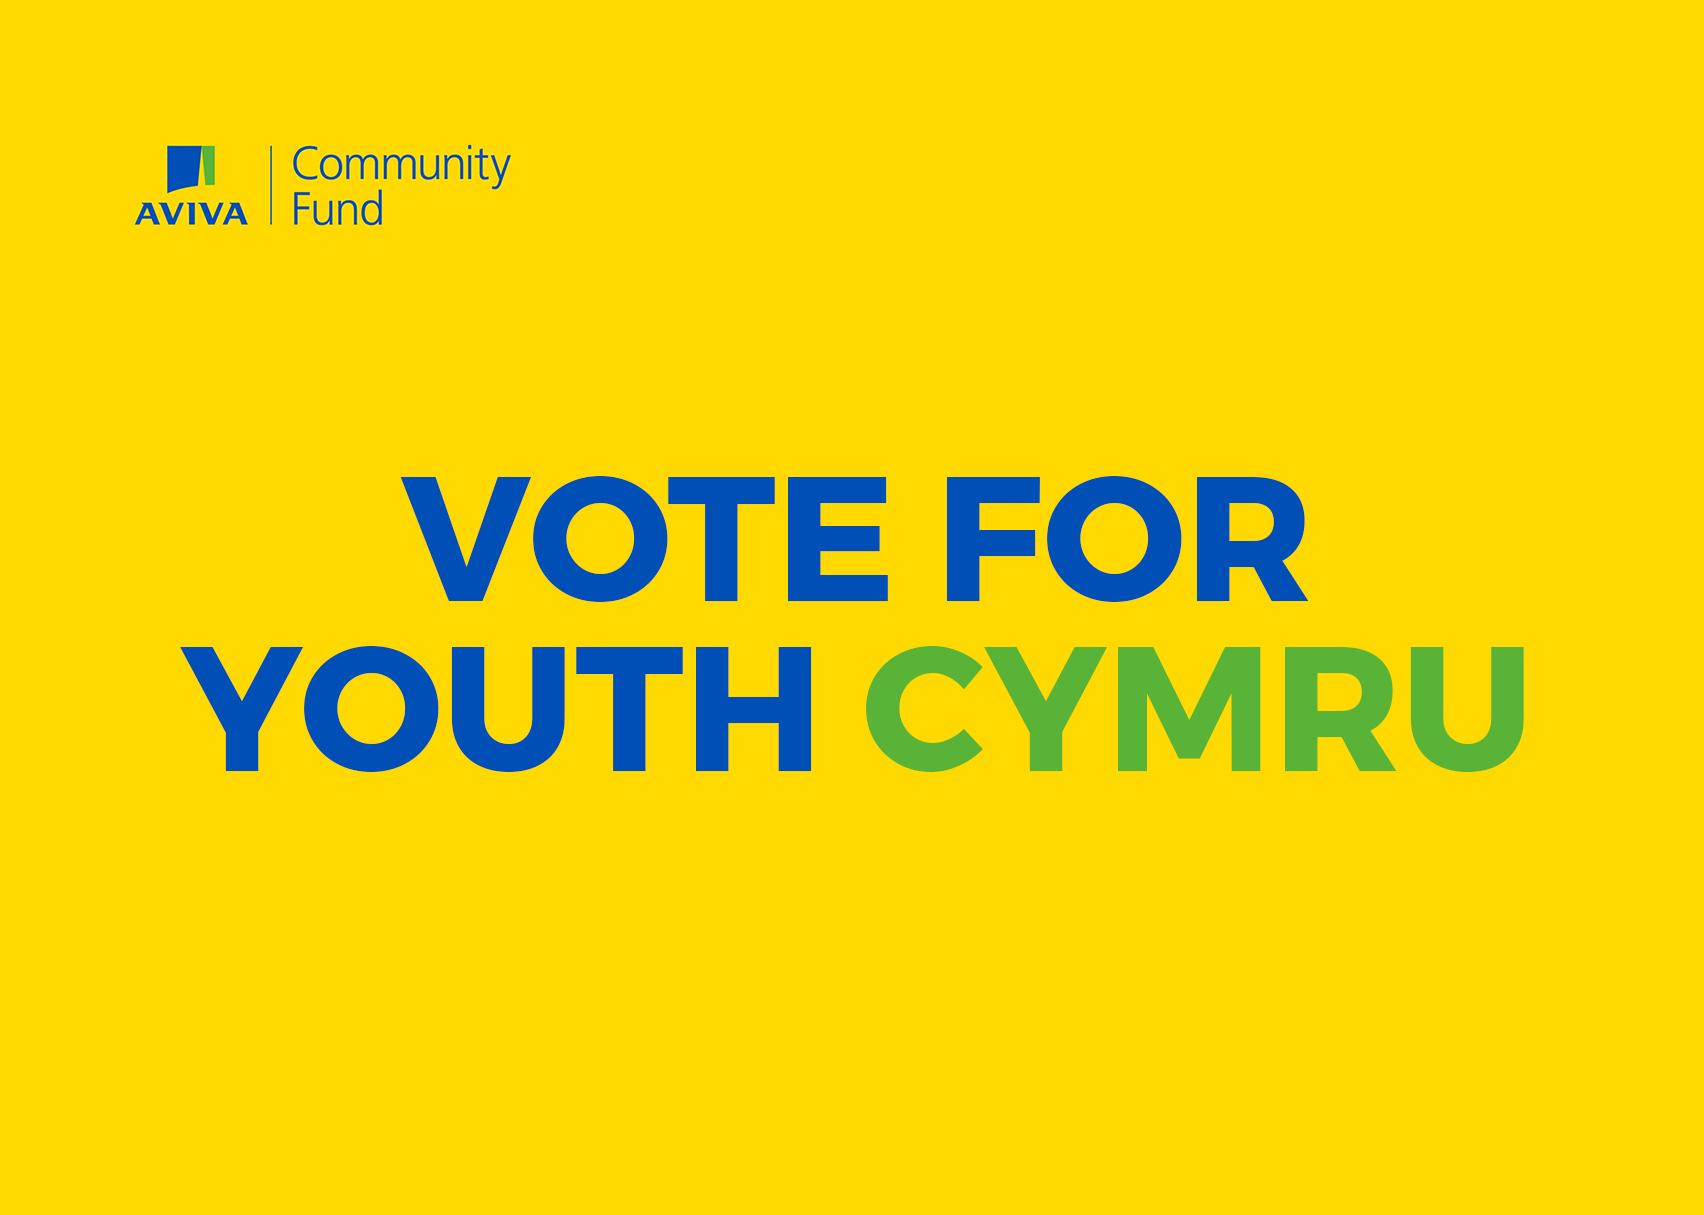 Vote for Youth Cymru | Aviva Community Fund